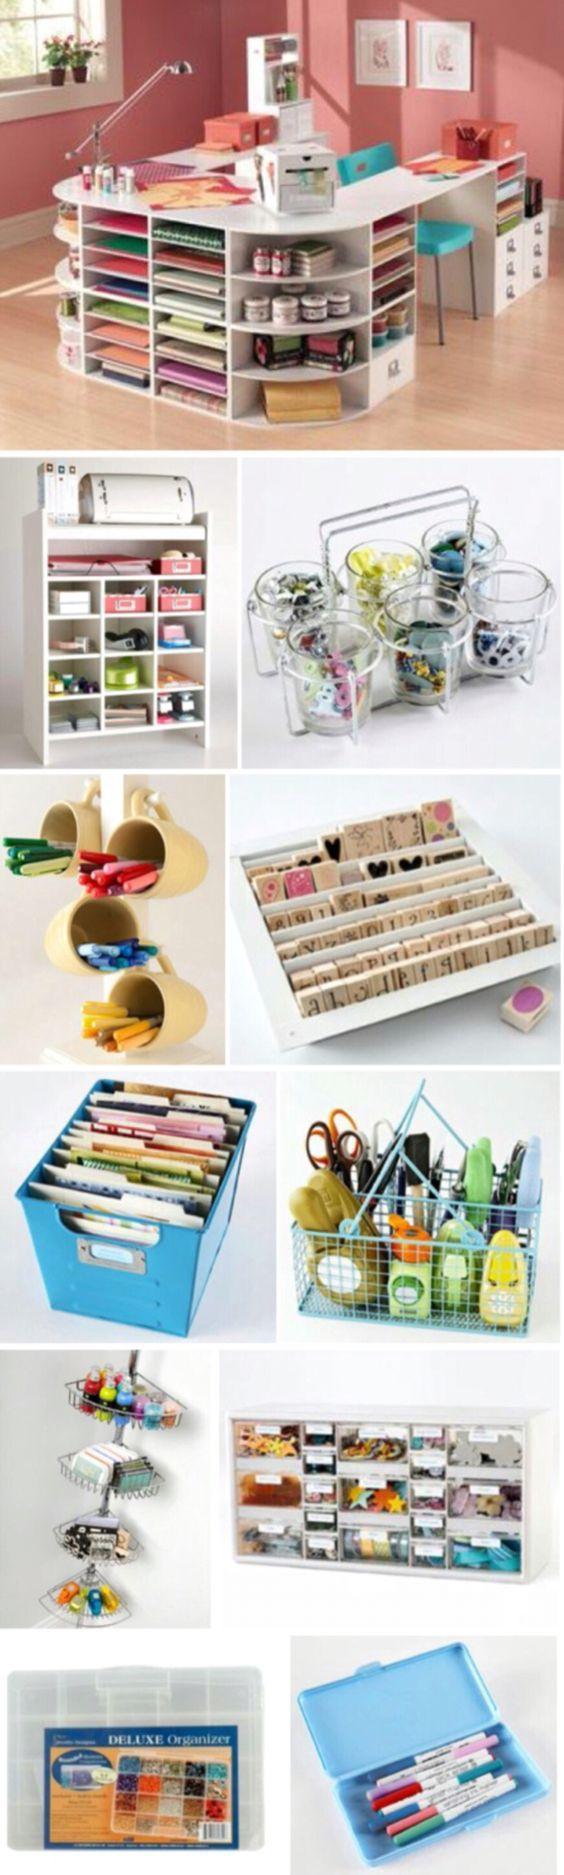 Ikea Arbeitszimmer Aufbewahrung ~   auf Pinterest  Bastelarbeiten, Aufbewahrung und Hobby bastelraum